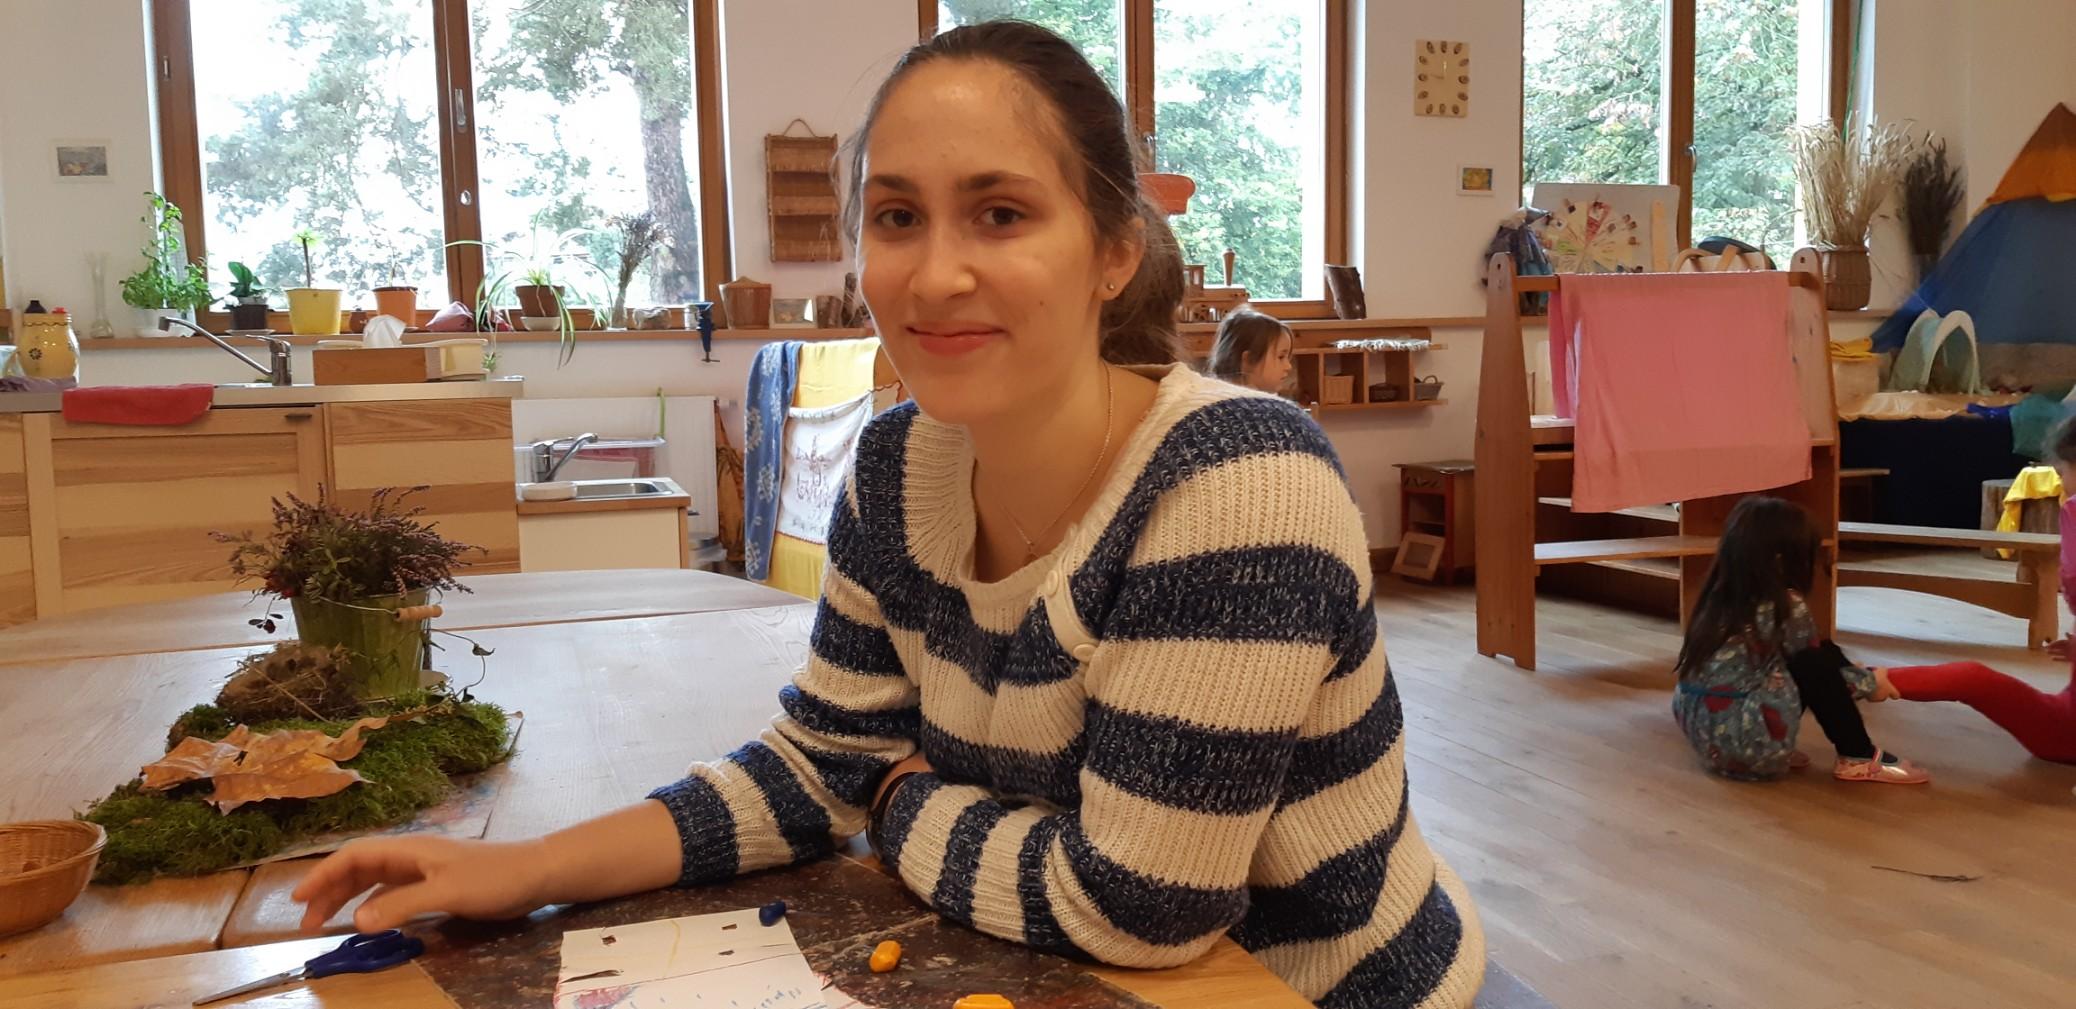 Amelie Wittmann